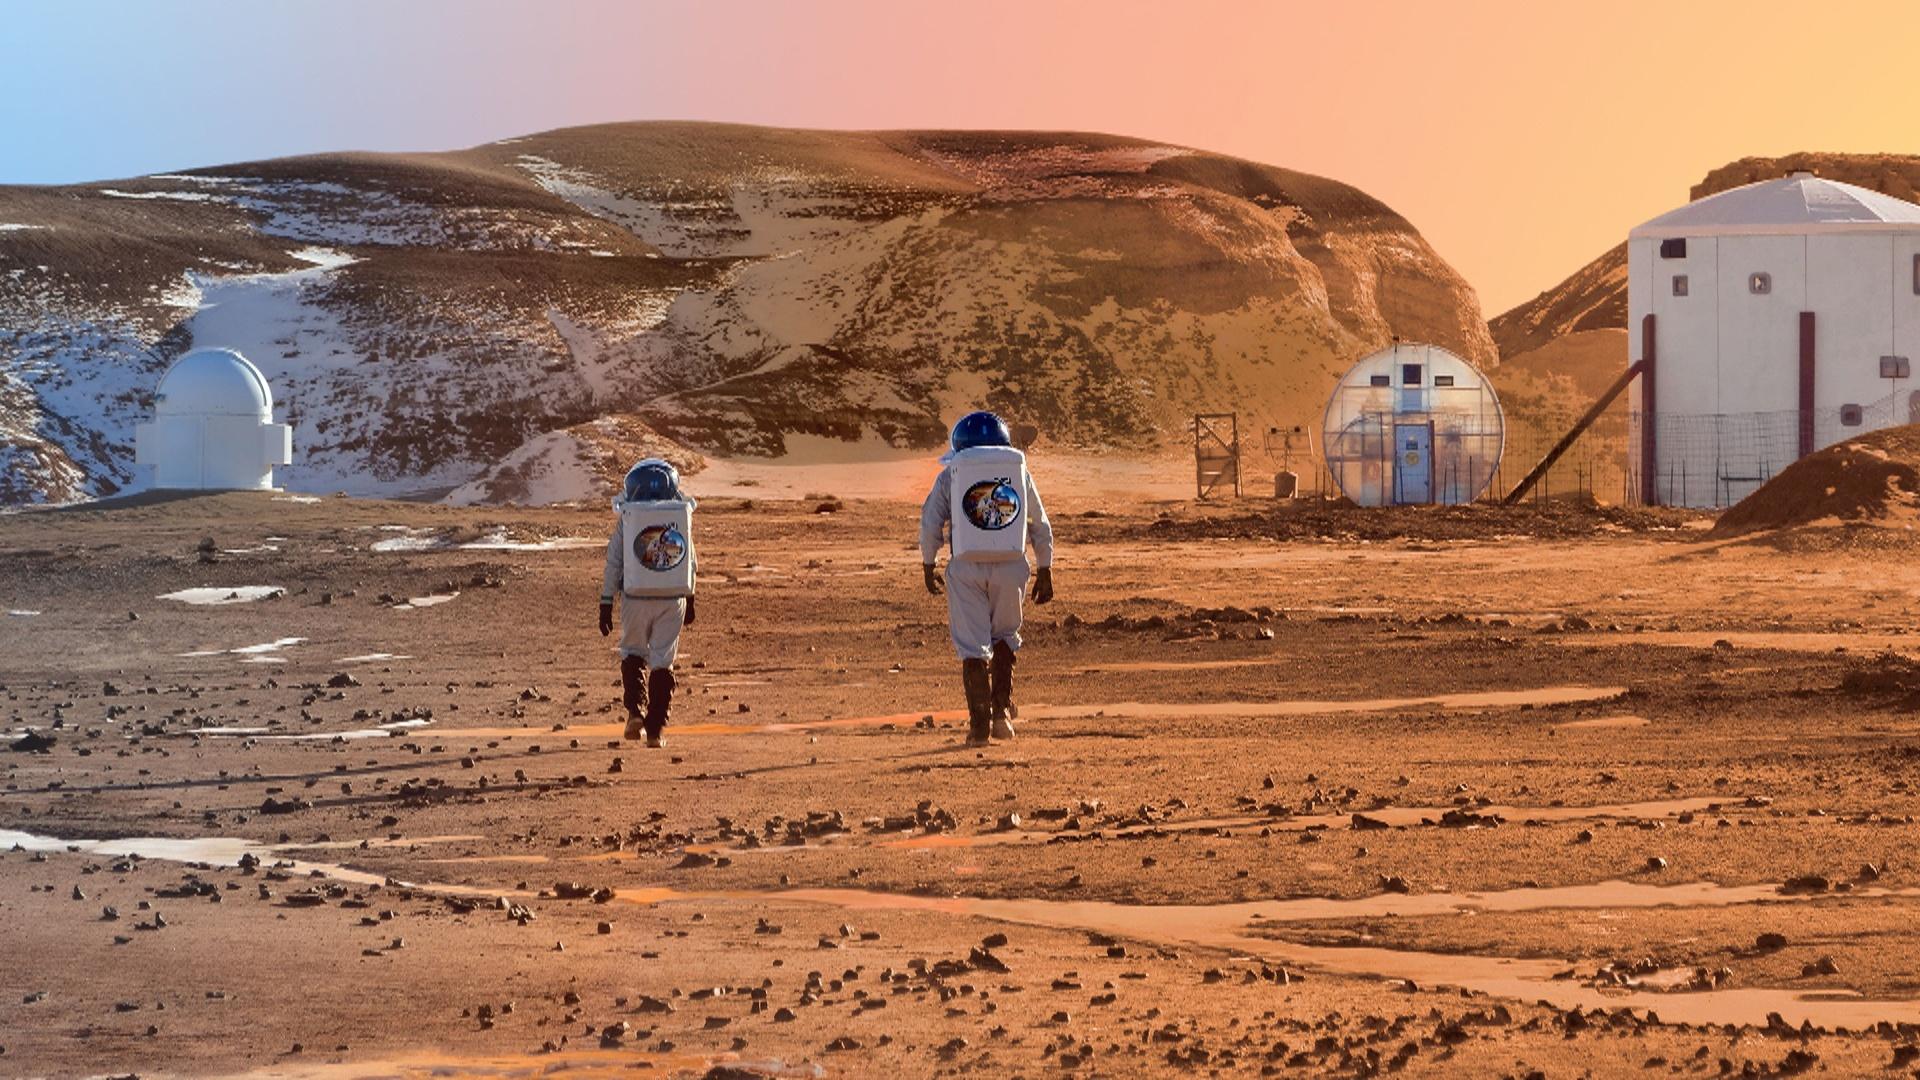 Marsa səyahət etmək arzumuz reallaşacaq